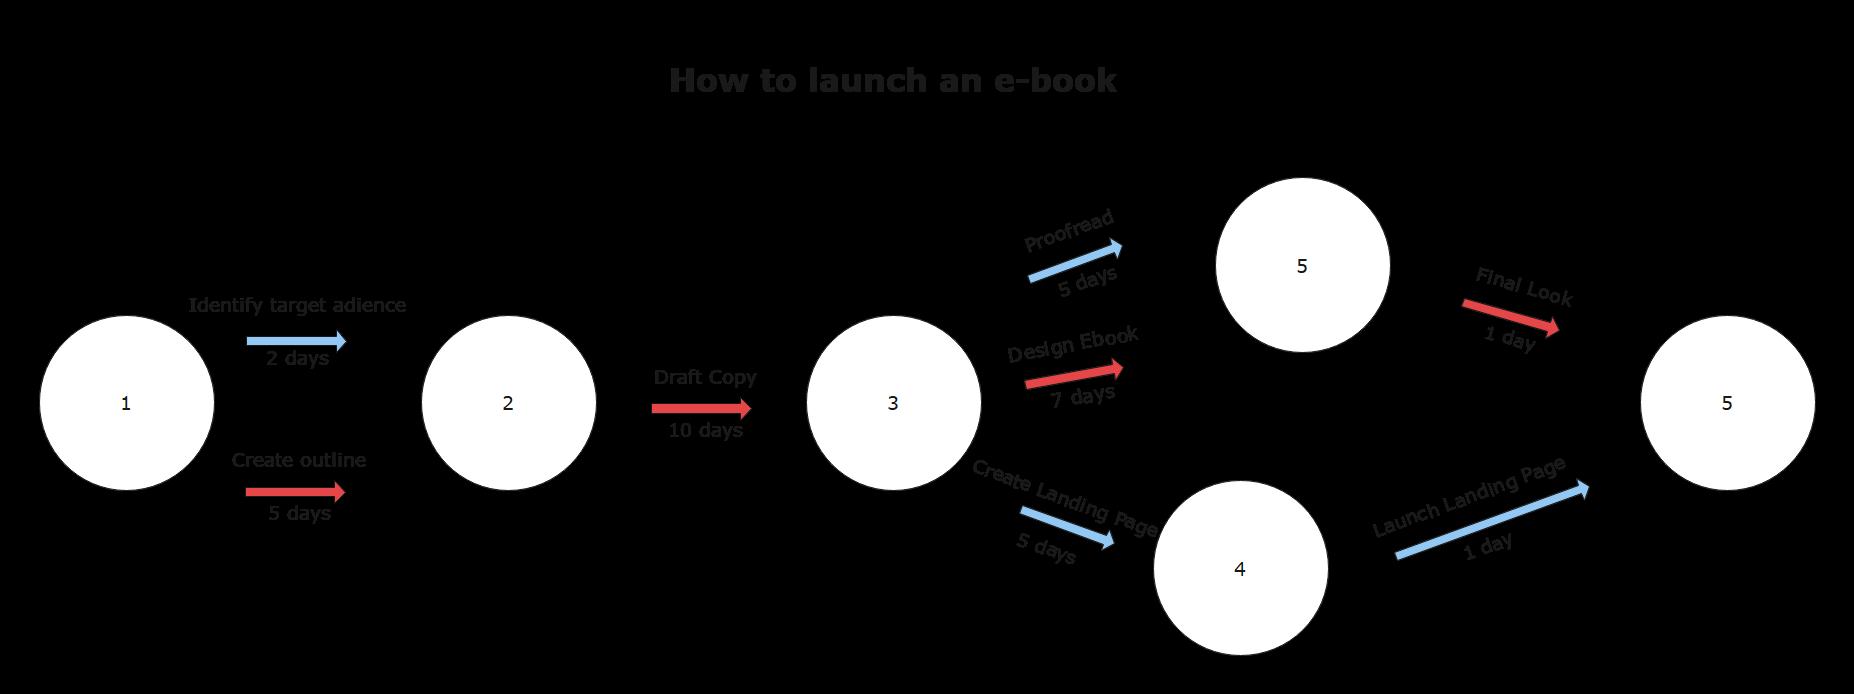 pert chart - How to Launch an E-book